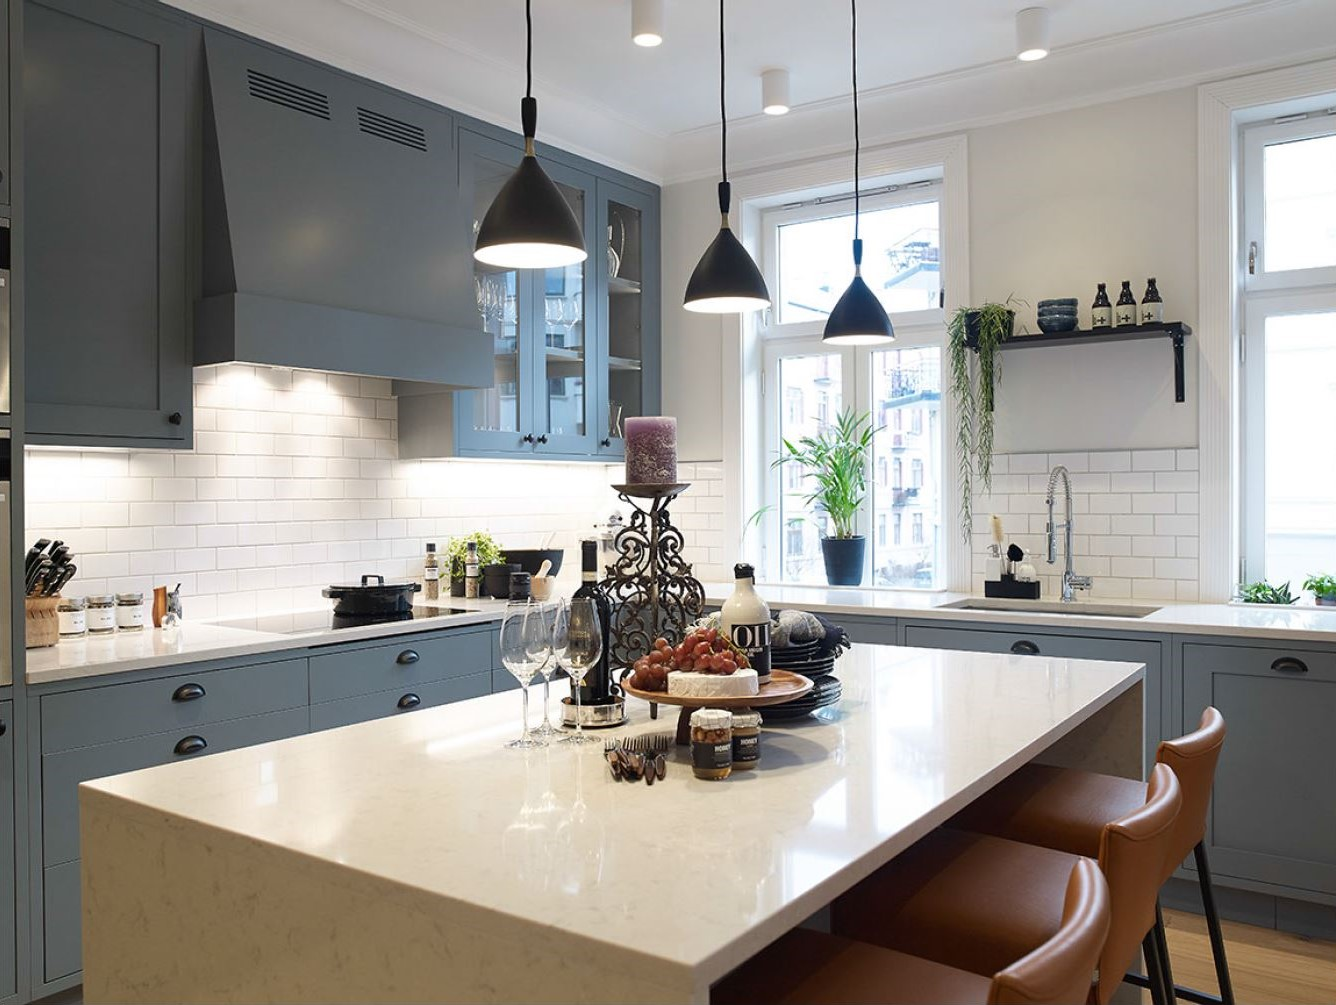 Nordby kjøkken, Shaker 6